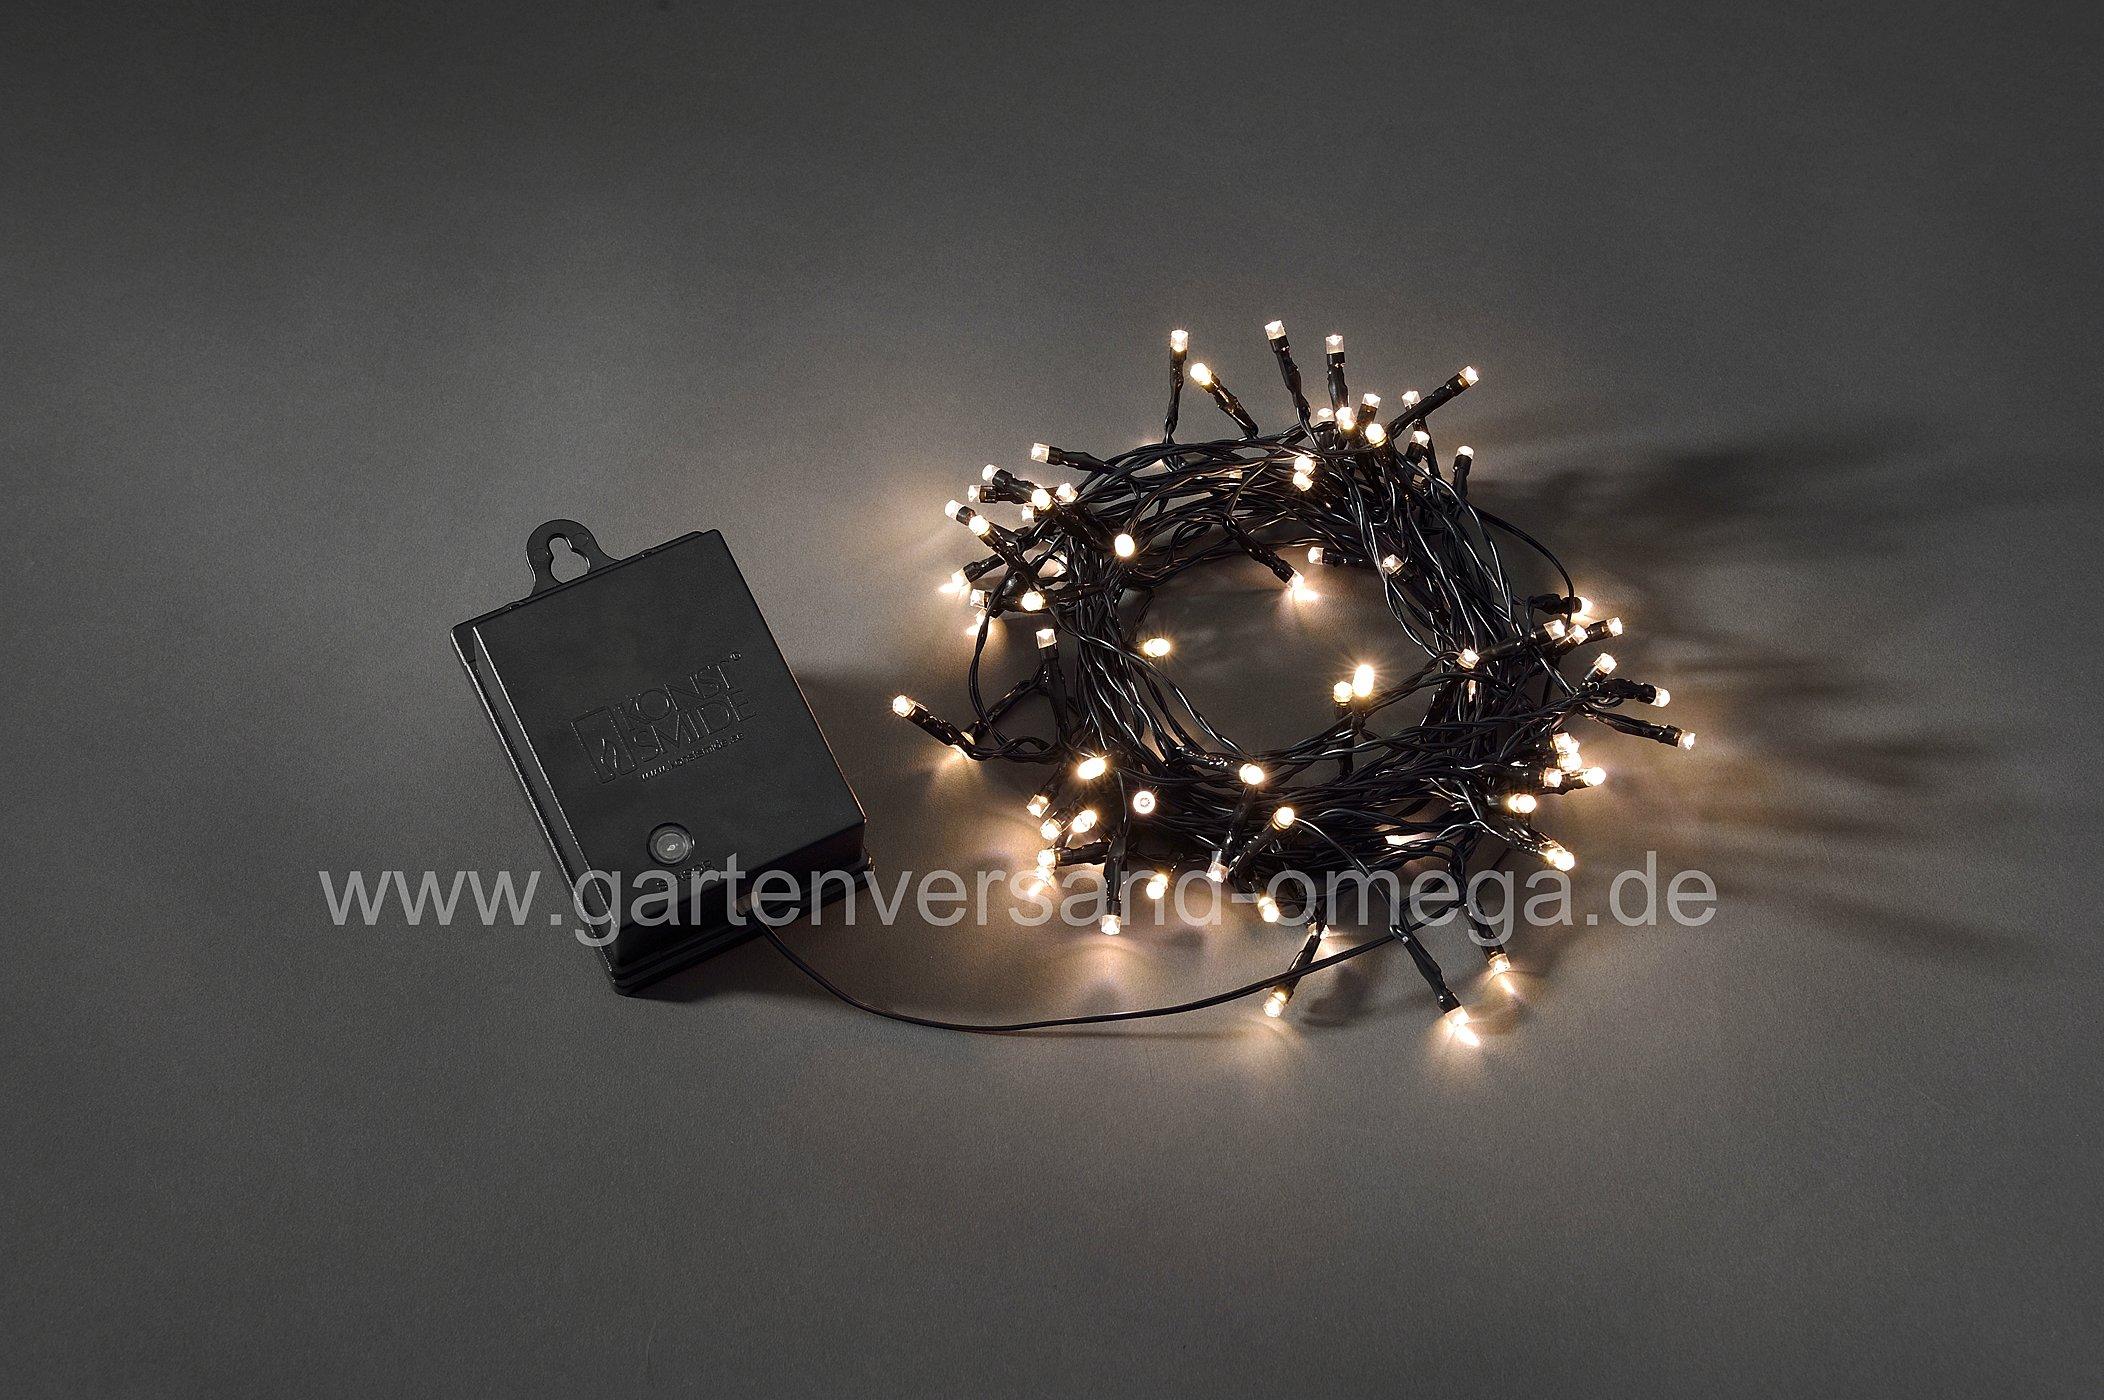 so-2612561-batteriebetriebene-led-aussenlichterkette-mit-lichteffektenhd-large Spannende Led Lichterketten Mit Batterie Dekorationen